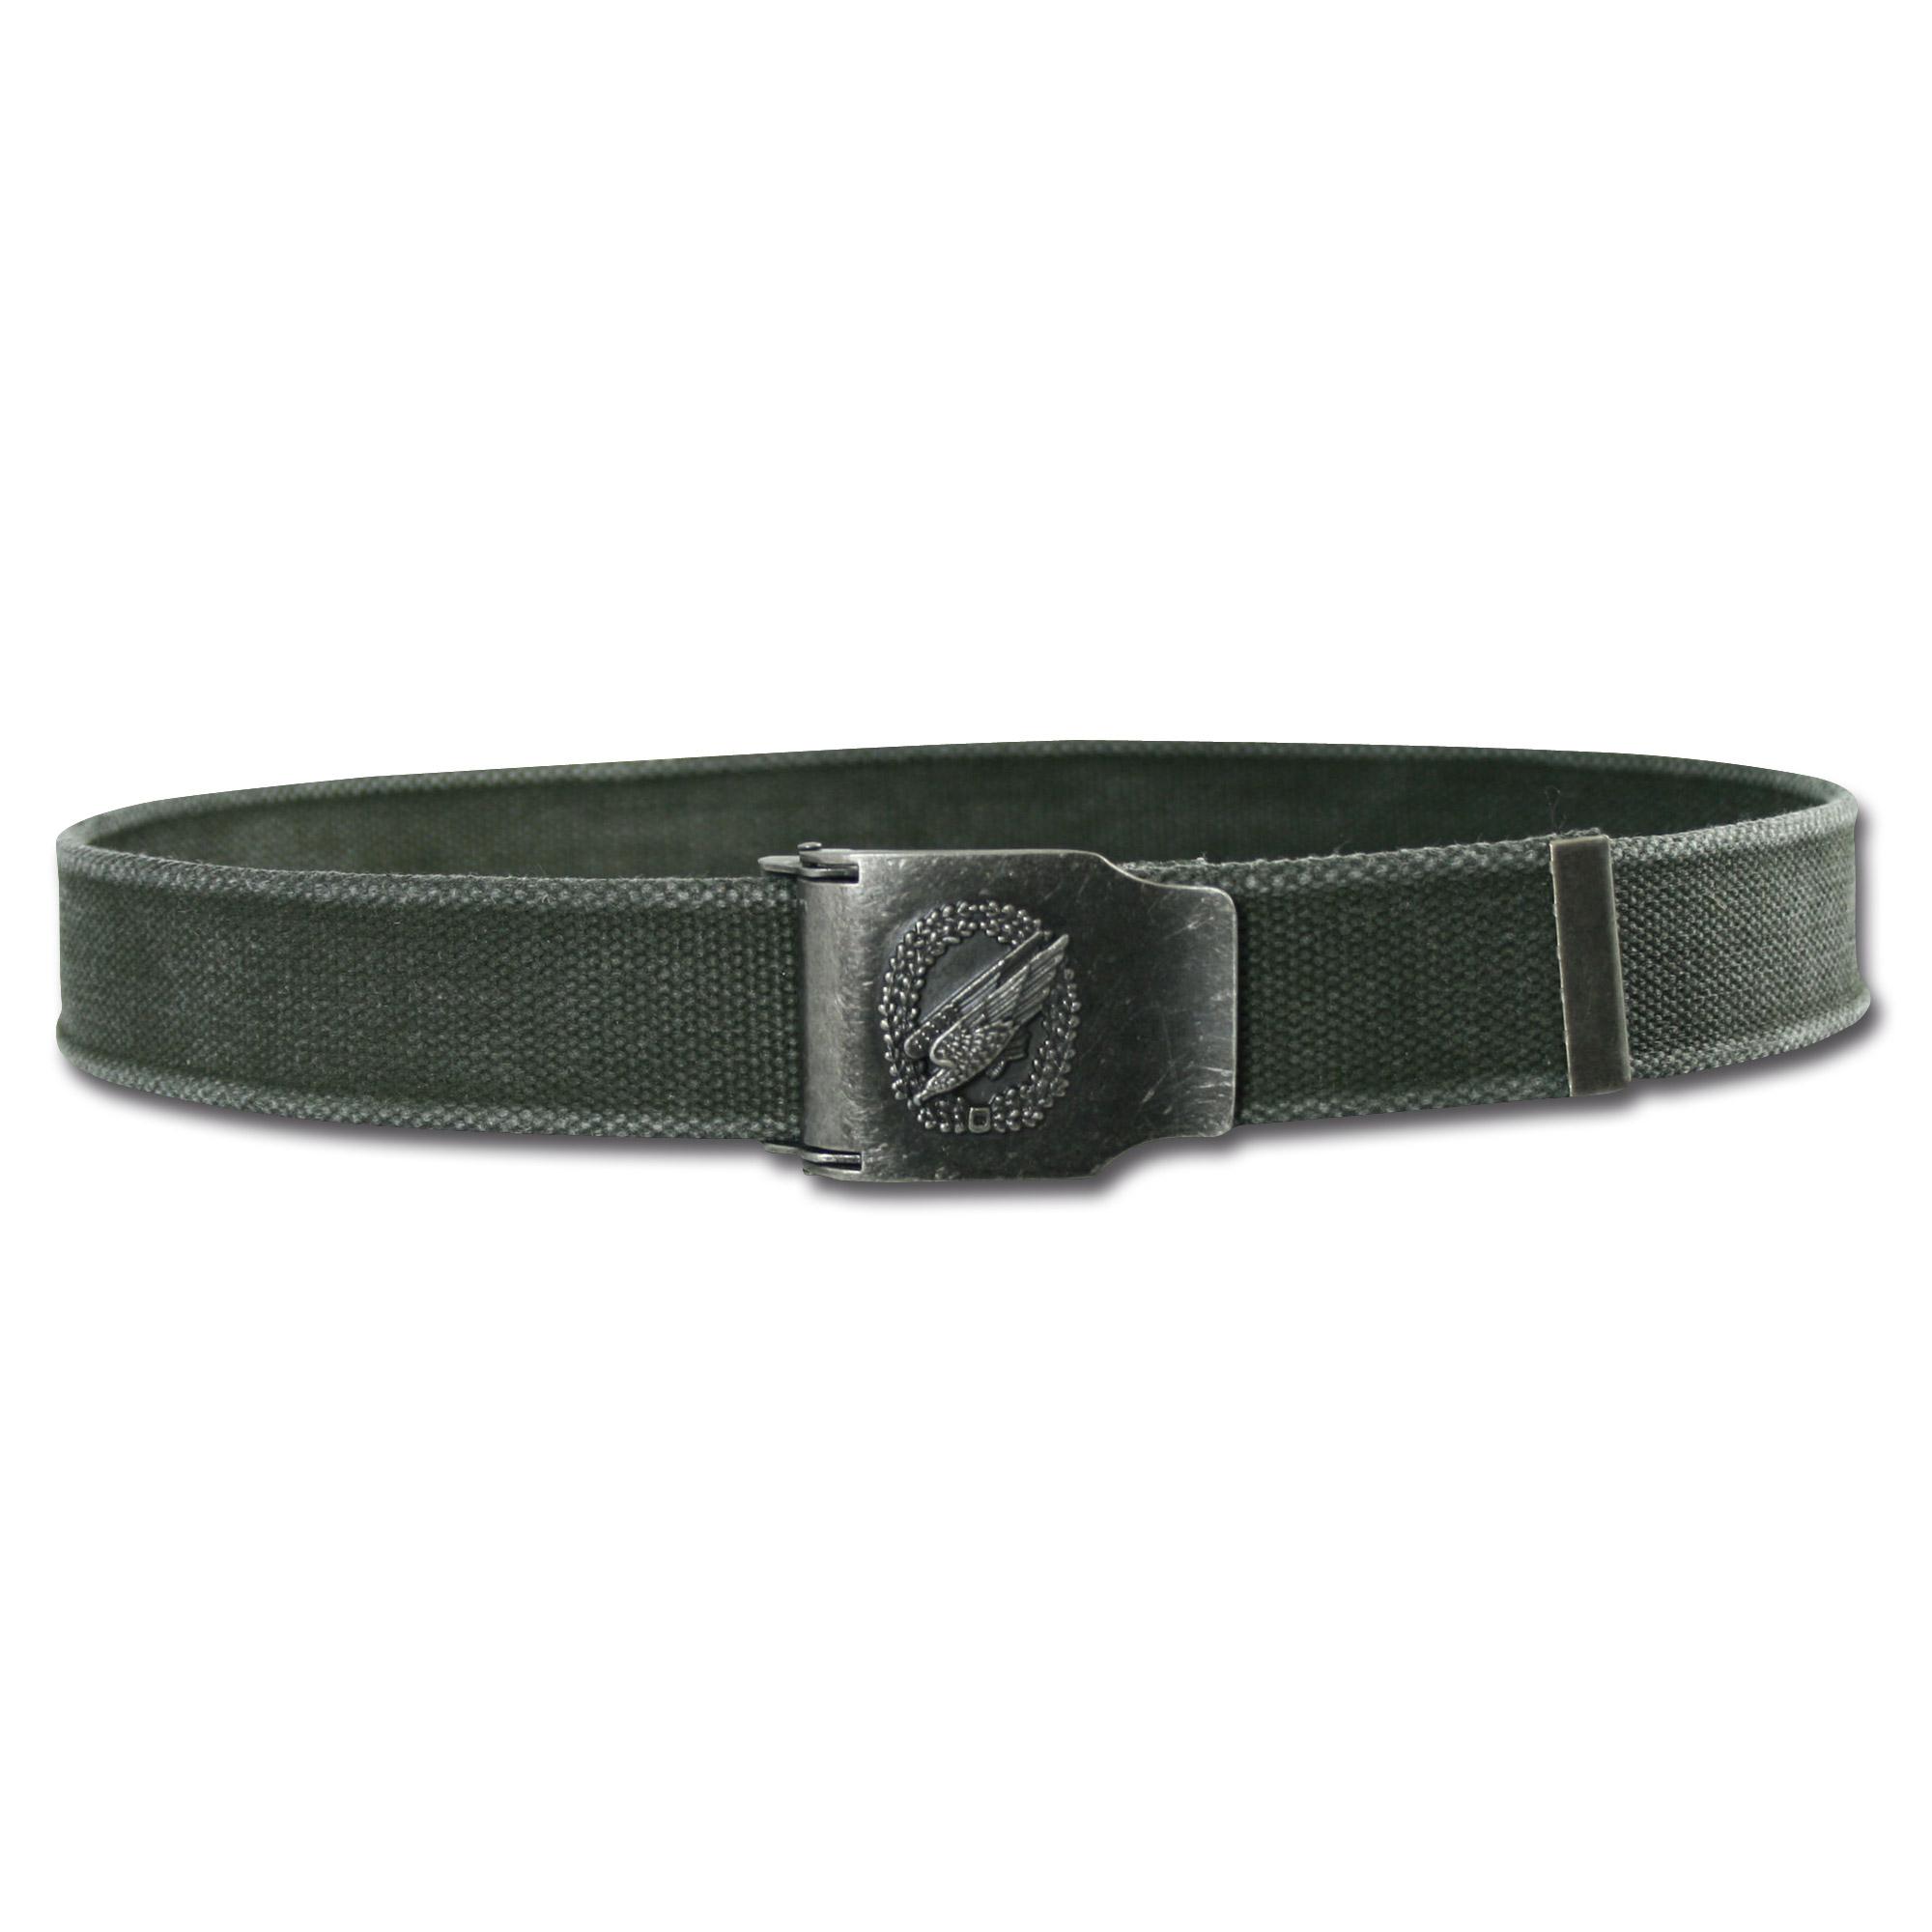 Hosengürtel Safety Belt oliv